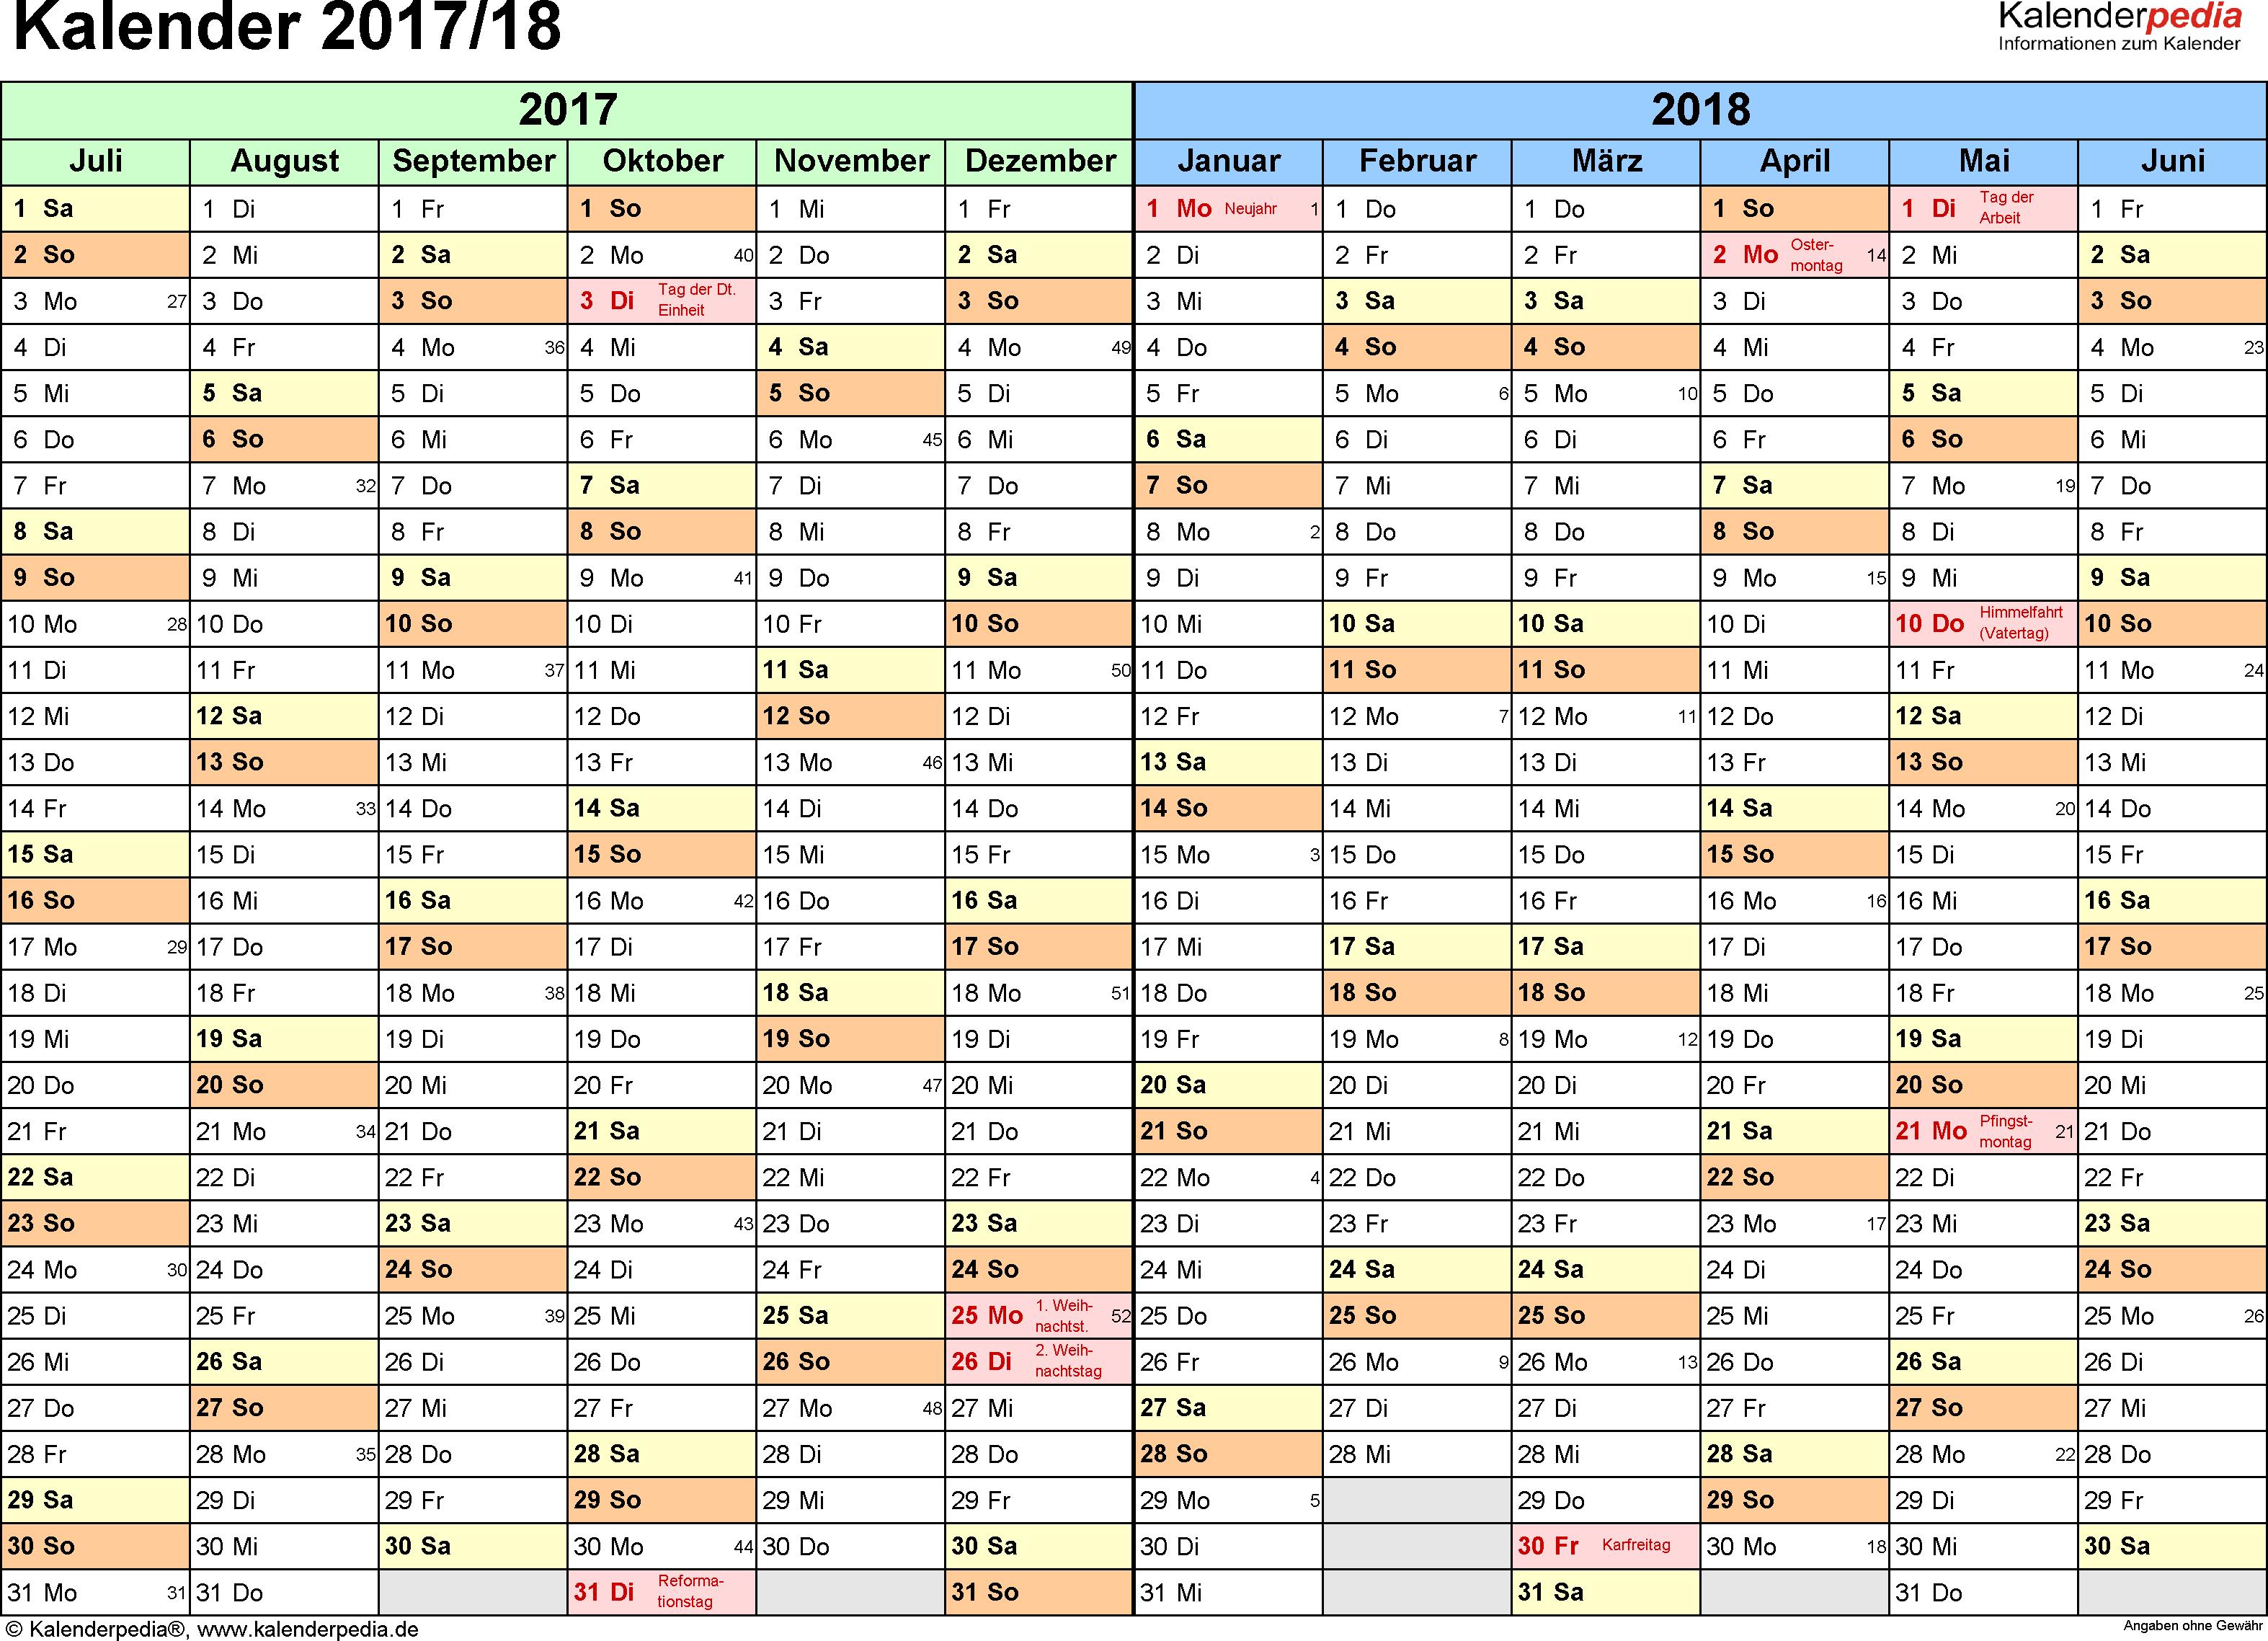 Word-Vorlage für Halbjahr-Kalender 2017/2018 (Querformat, 1 Seite, Monate waagerecht)